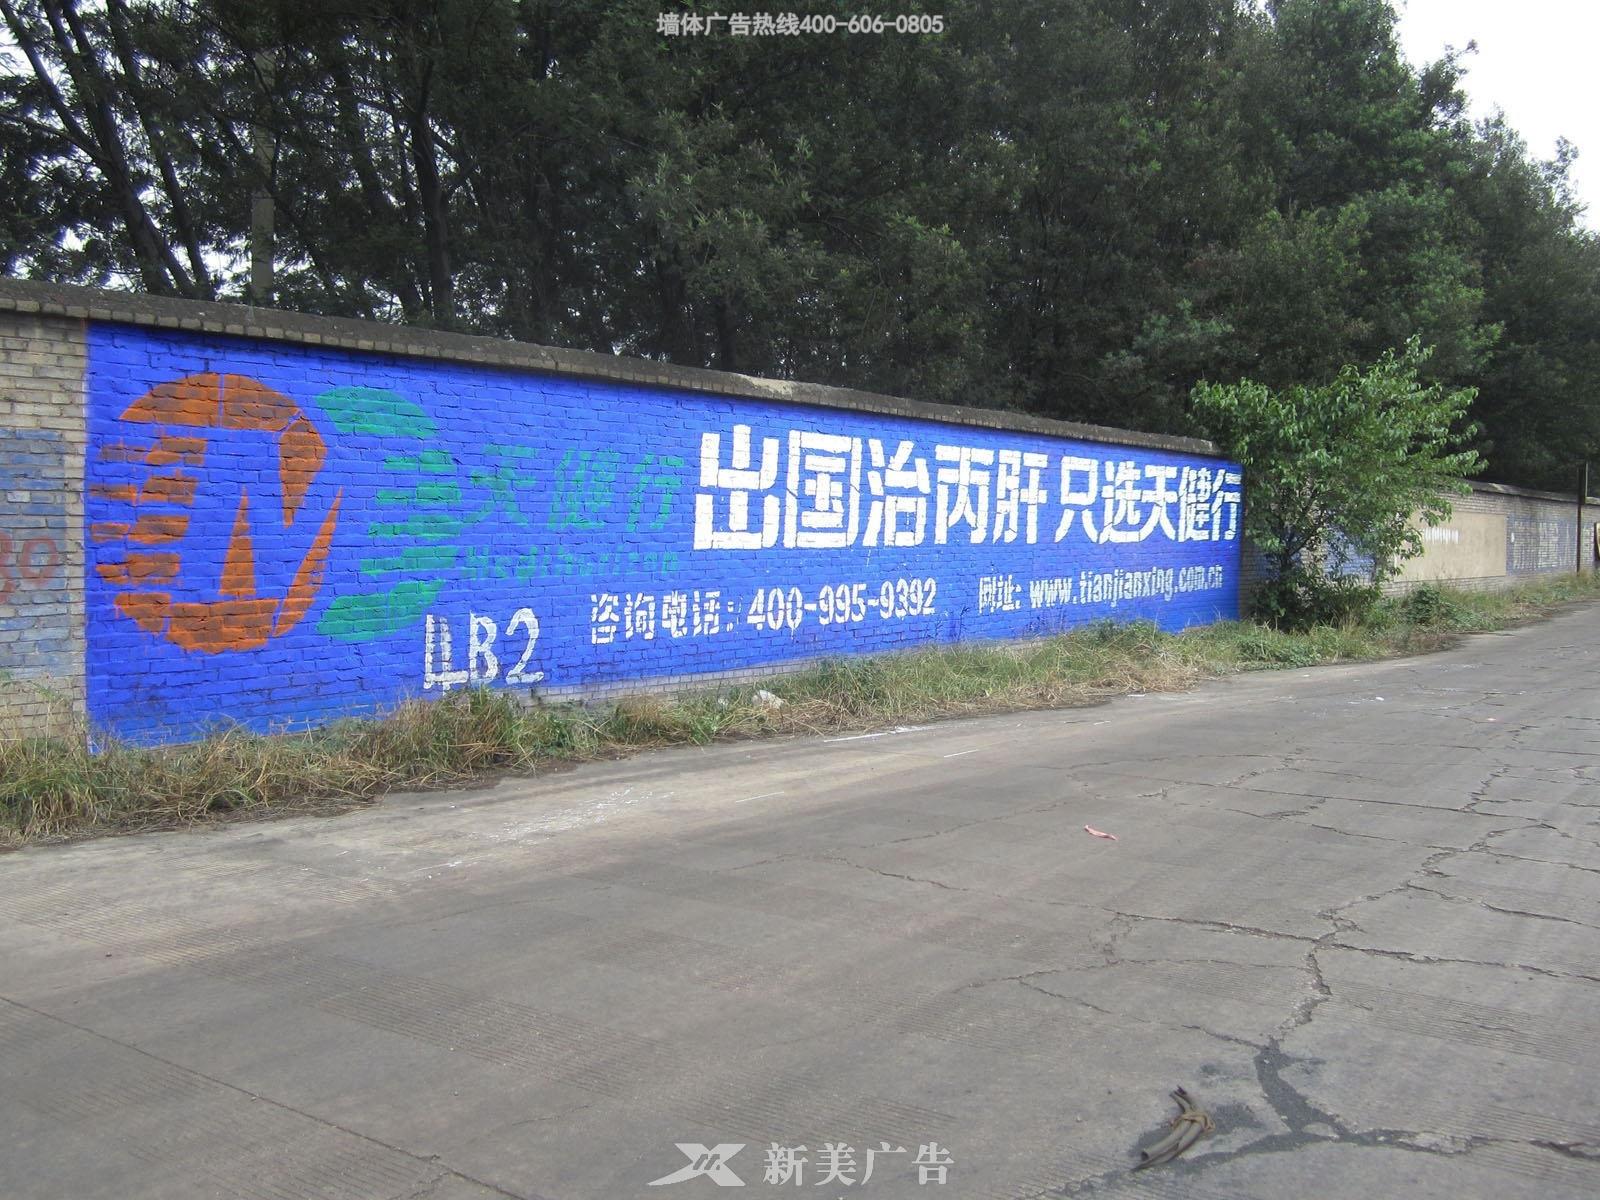 天健行医院凯发k8娱乐网页广告